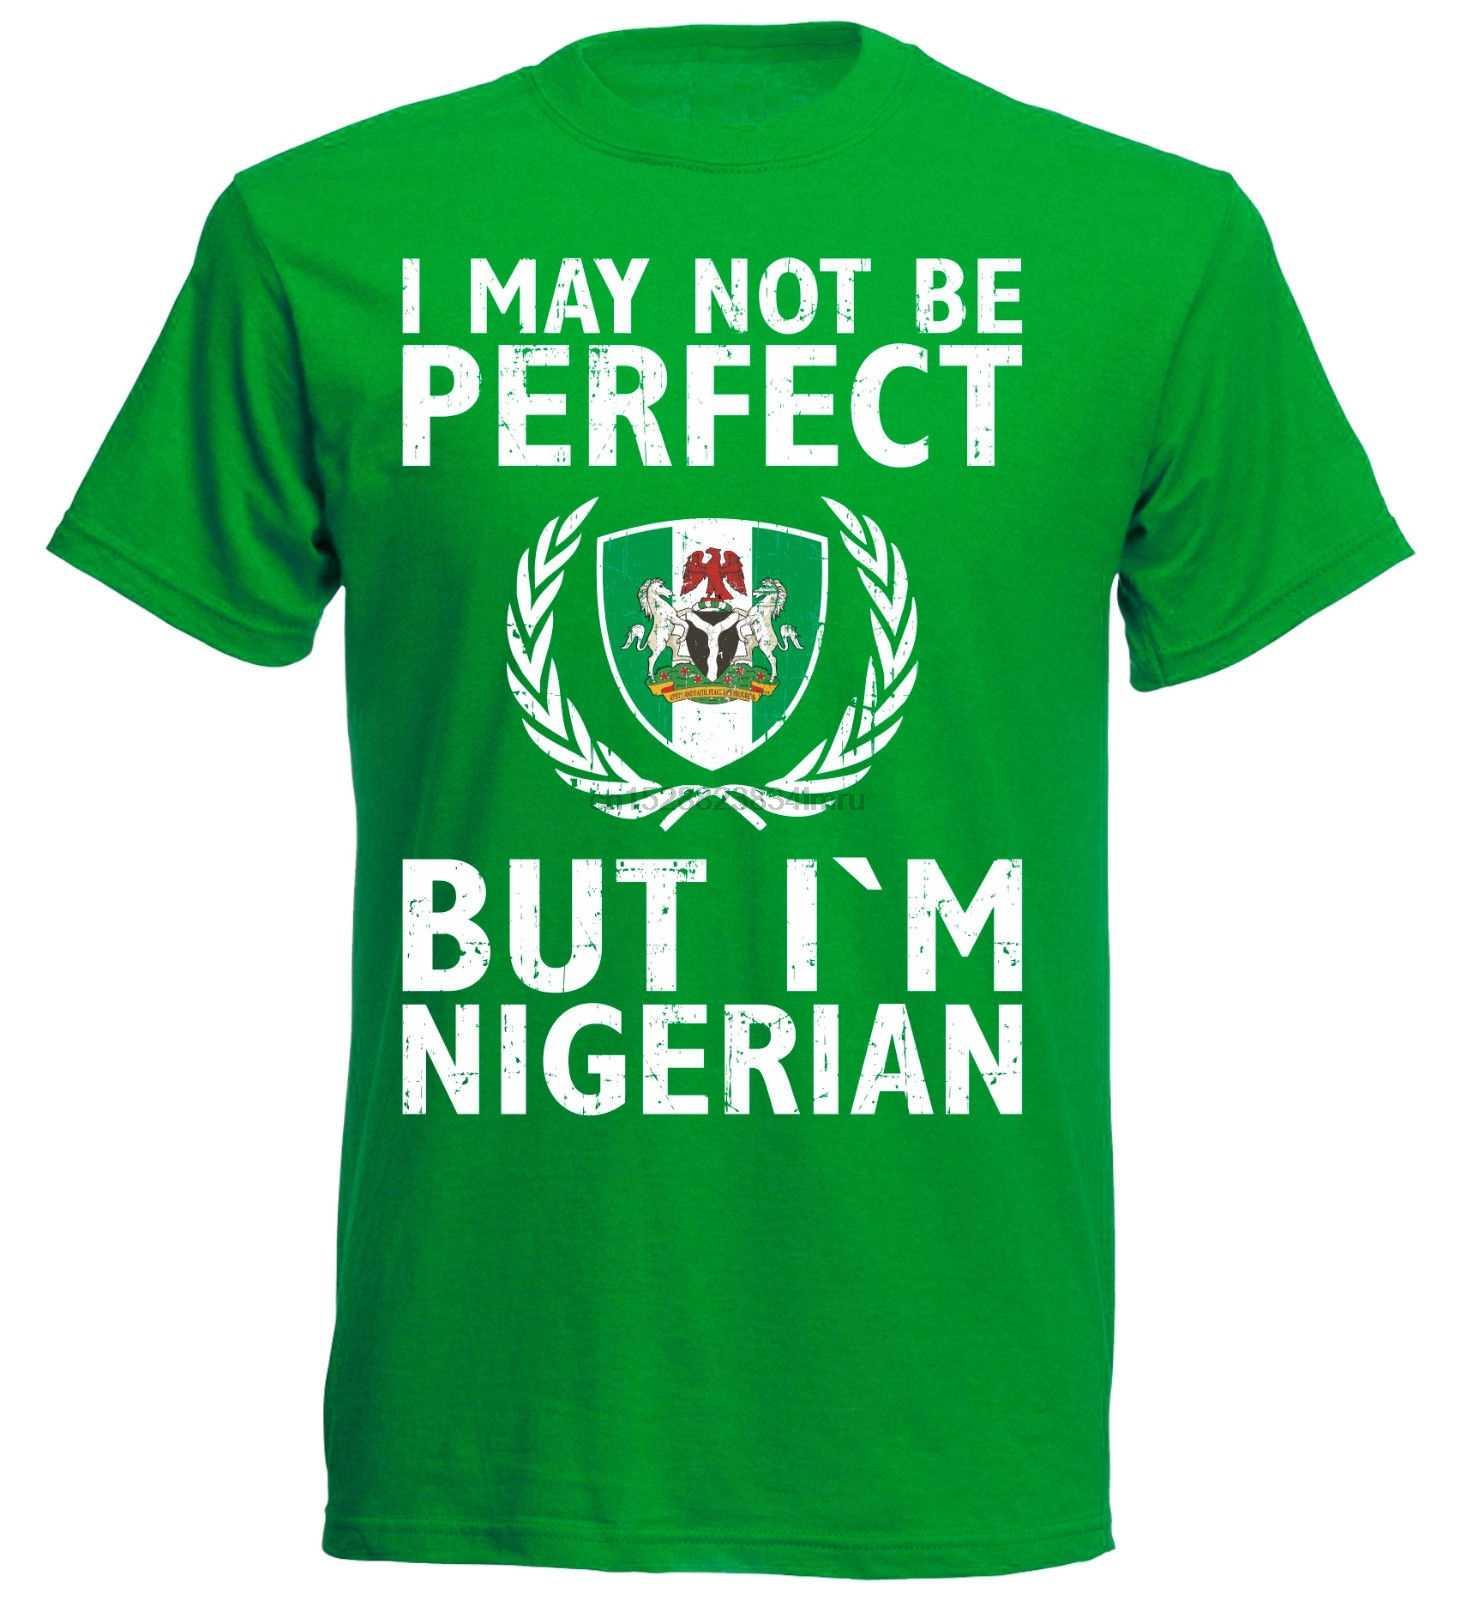 אופנה גברים T סביב צוואר חולצה אני לי לא להיות מושלם אבל אני ניגריה גברים כדורגלן ניגרי מודפס חולצה גברים